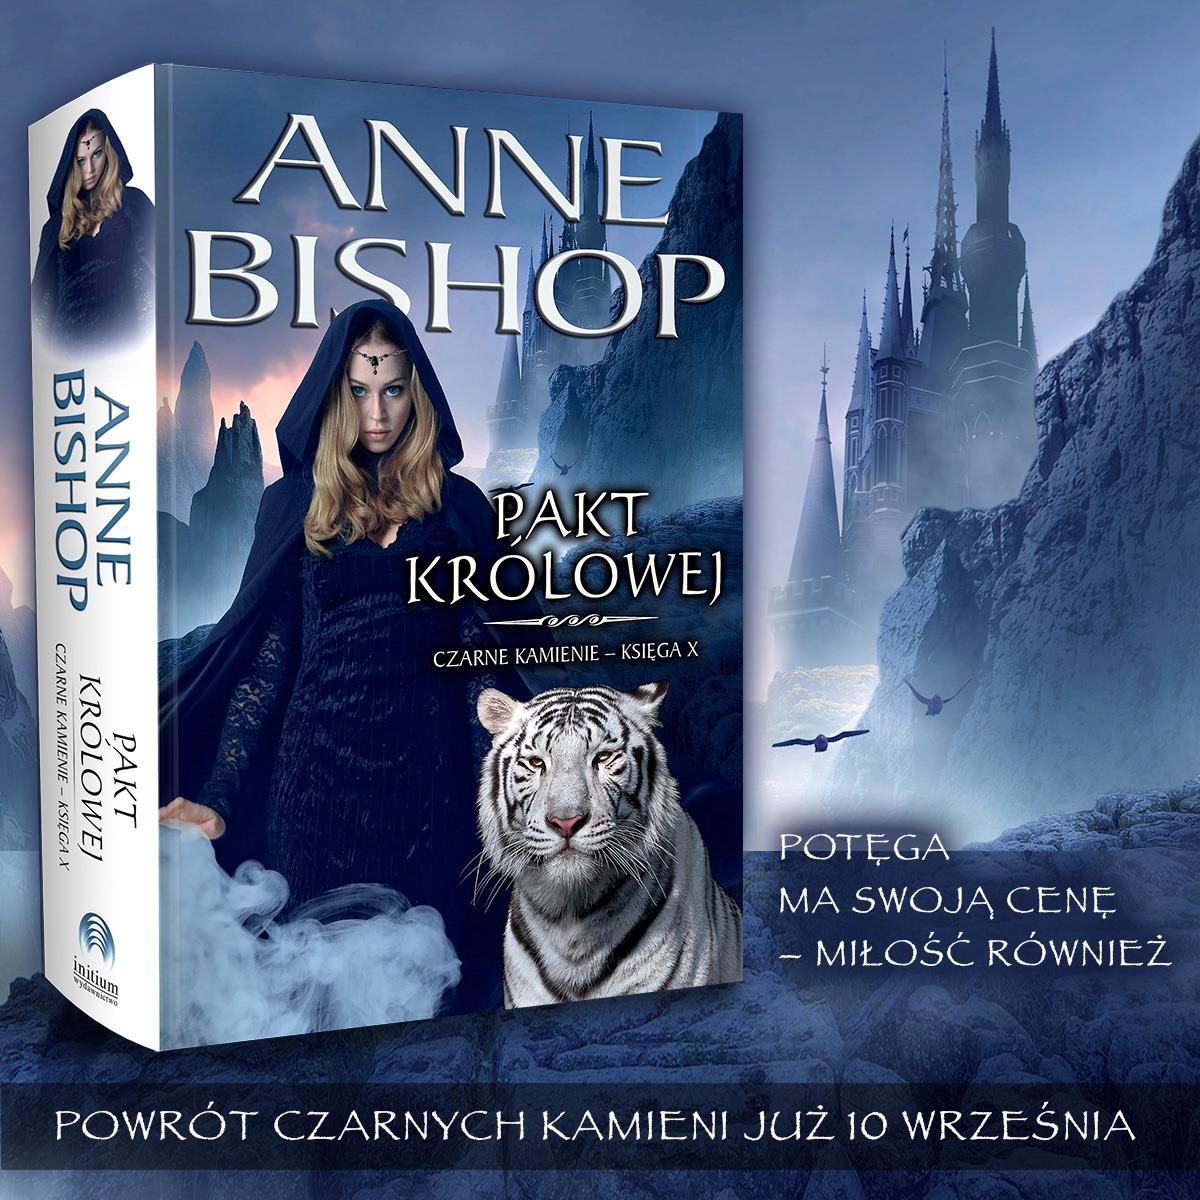 Pakt Królowej - Anne Bishop czarne kamienie